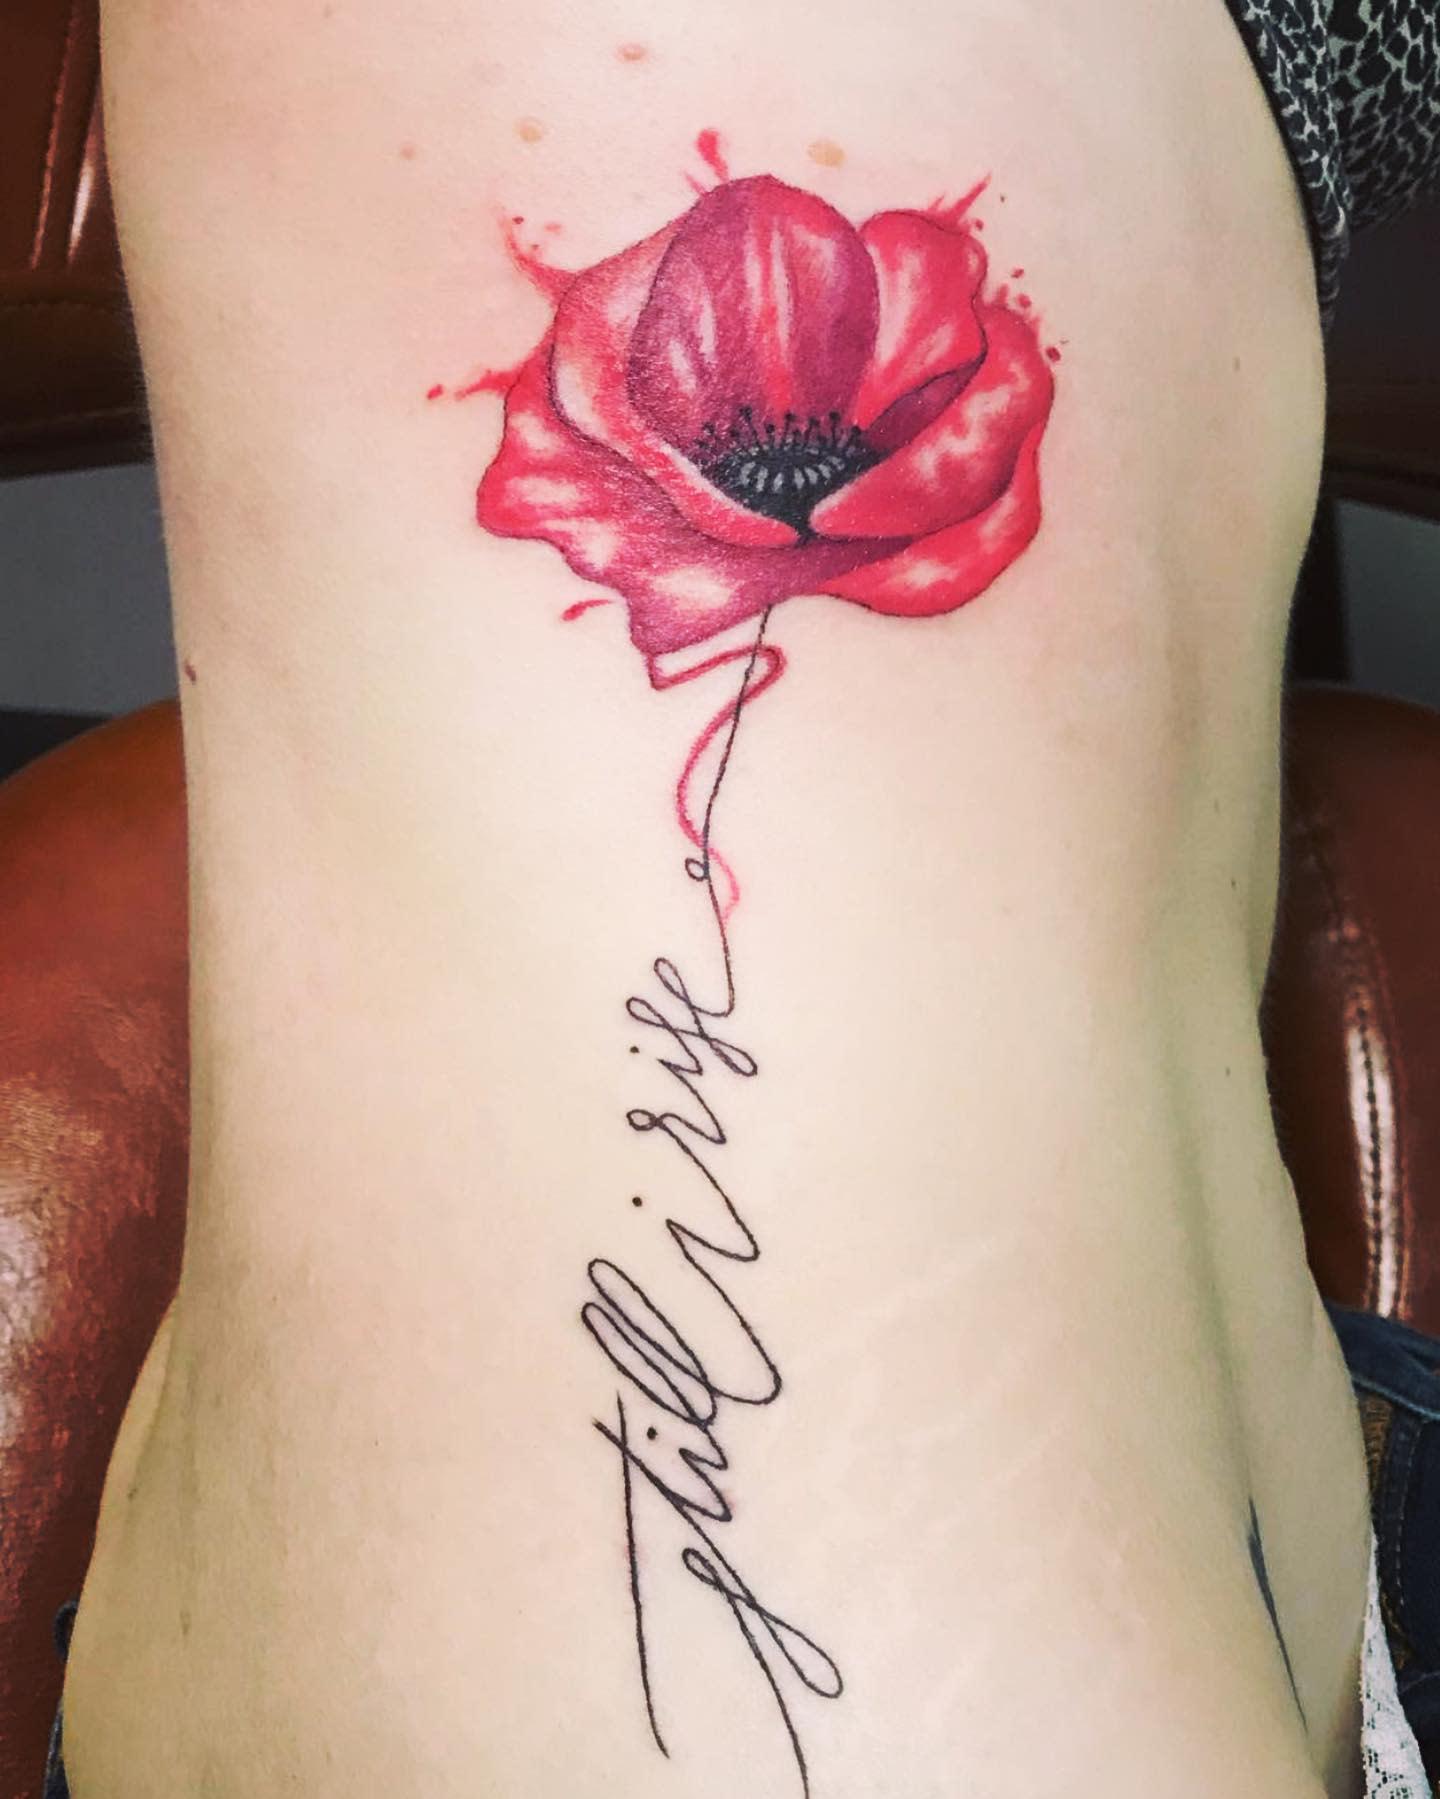 Rib Still I Rise Tattoo -artstudioann